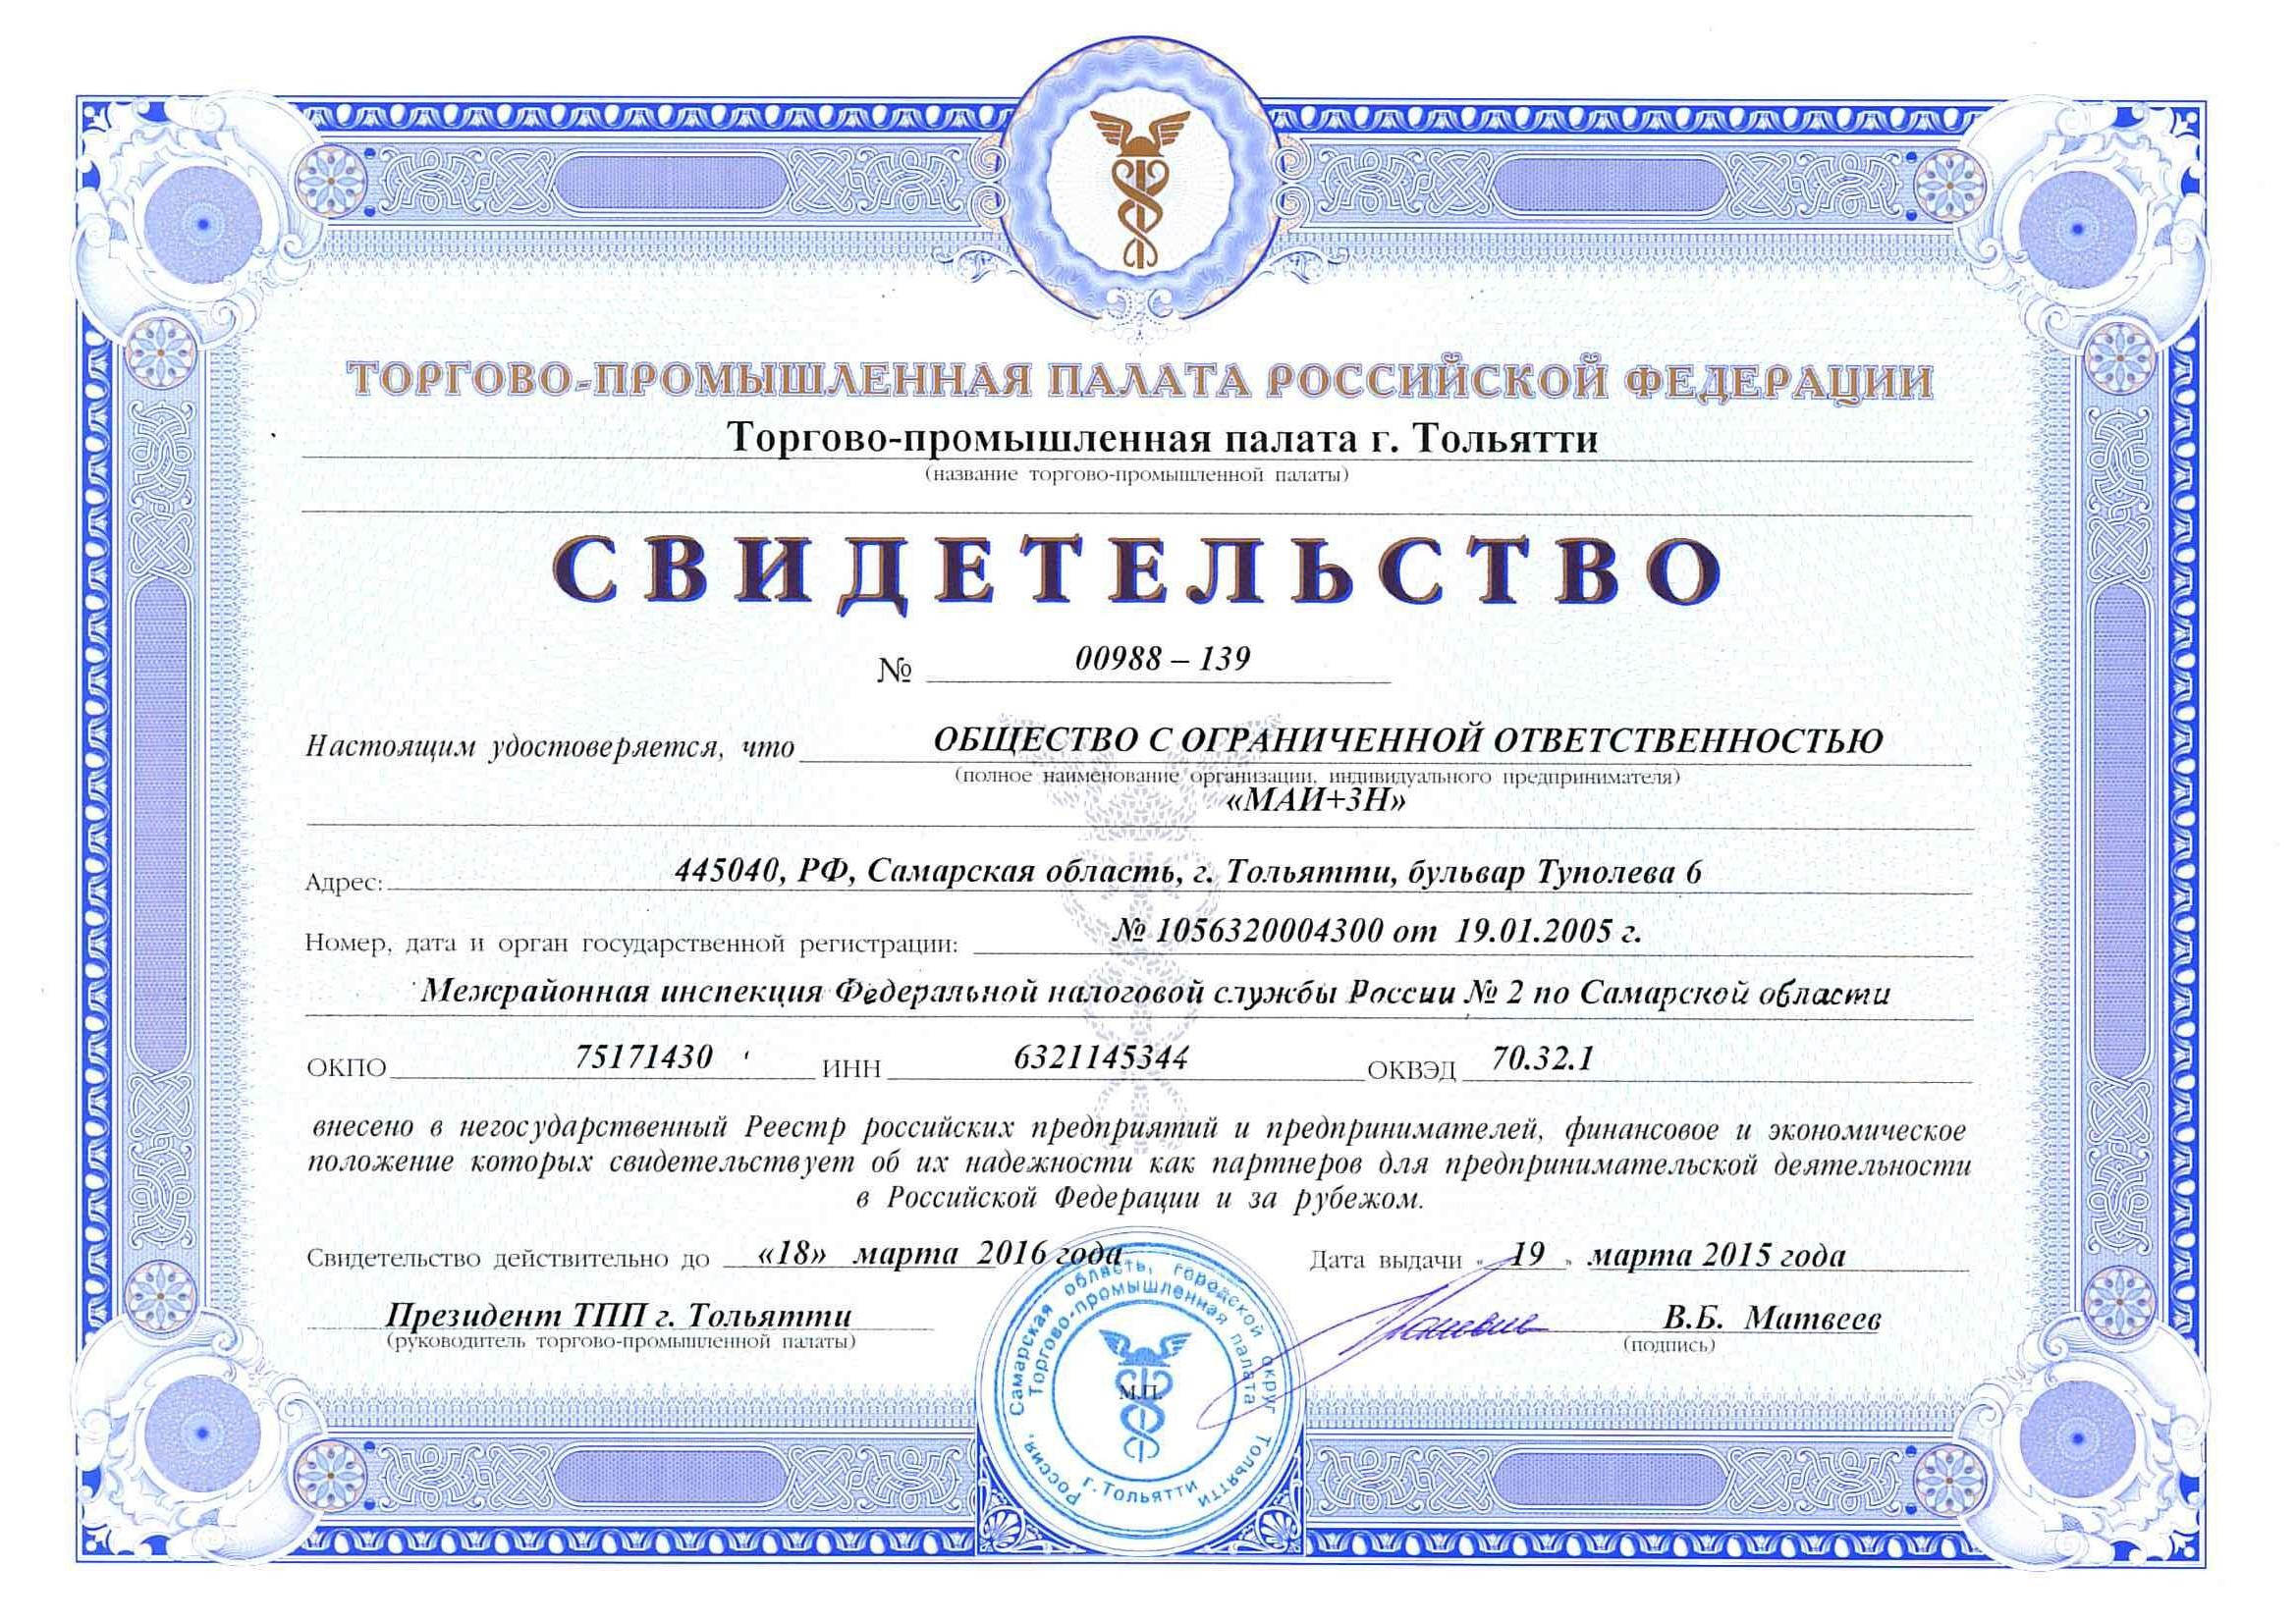 Сертификаты Диплом iii Всероссийского съезда руководителей отрасли ЖКХ скачать